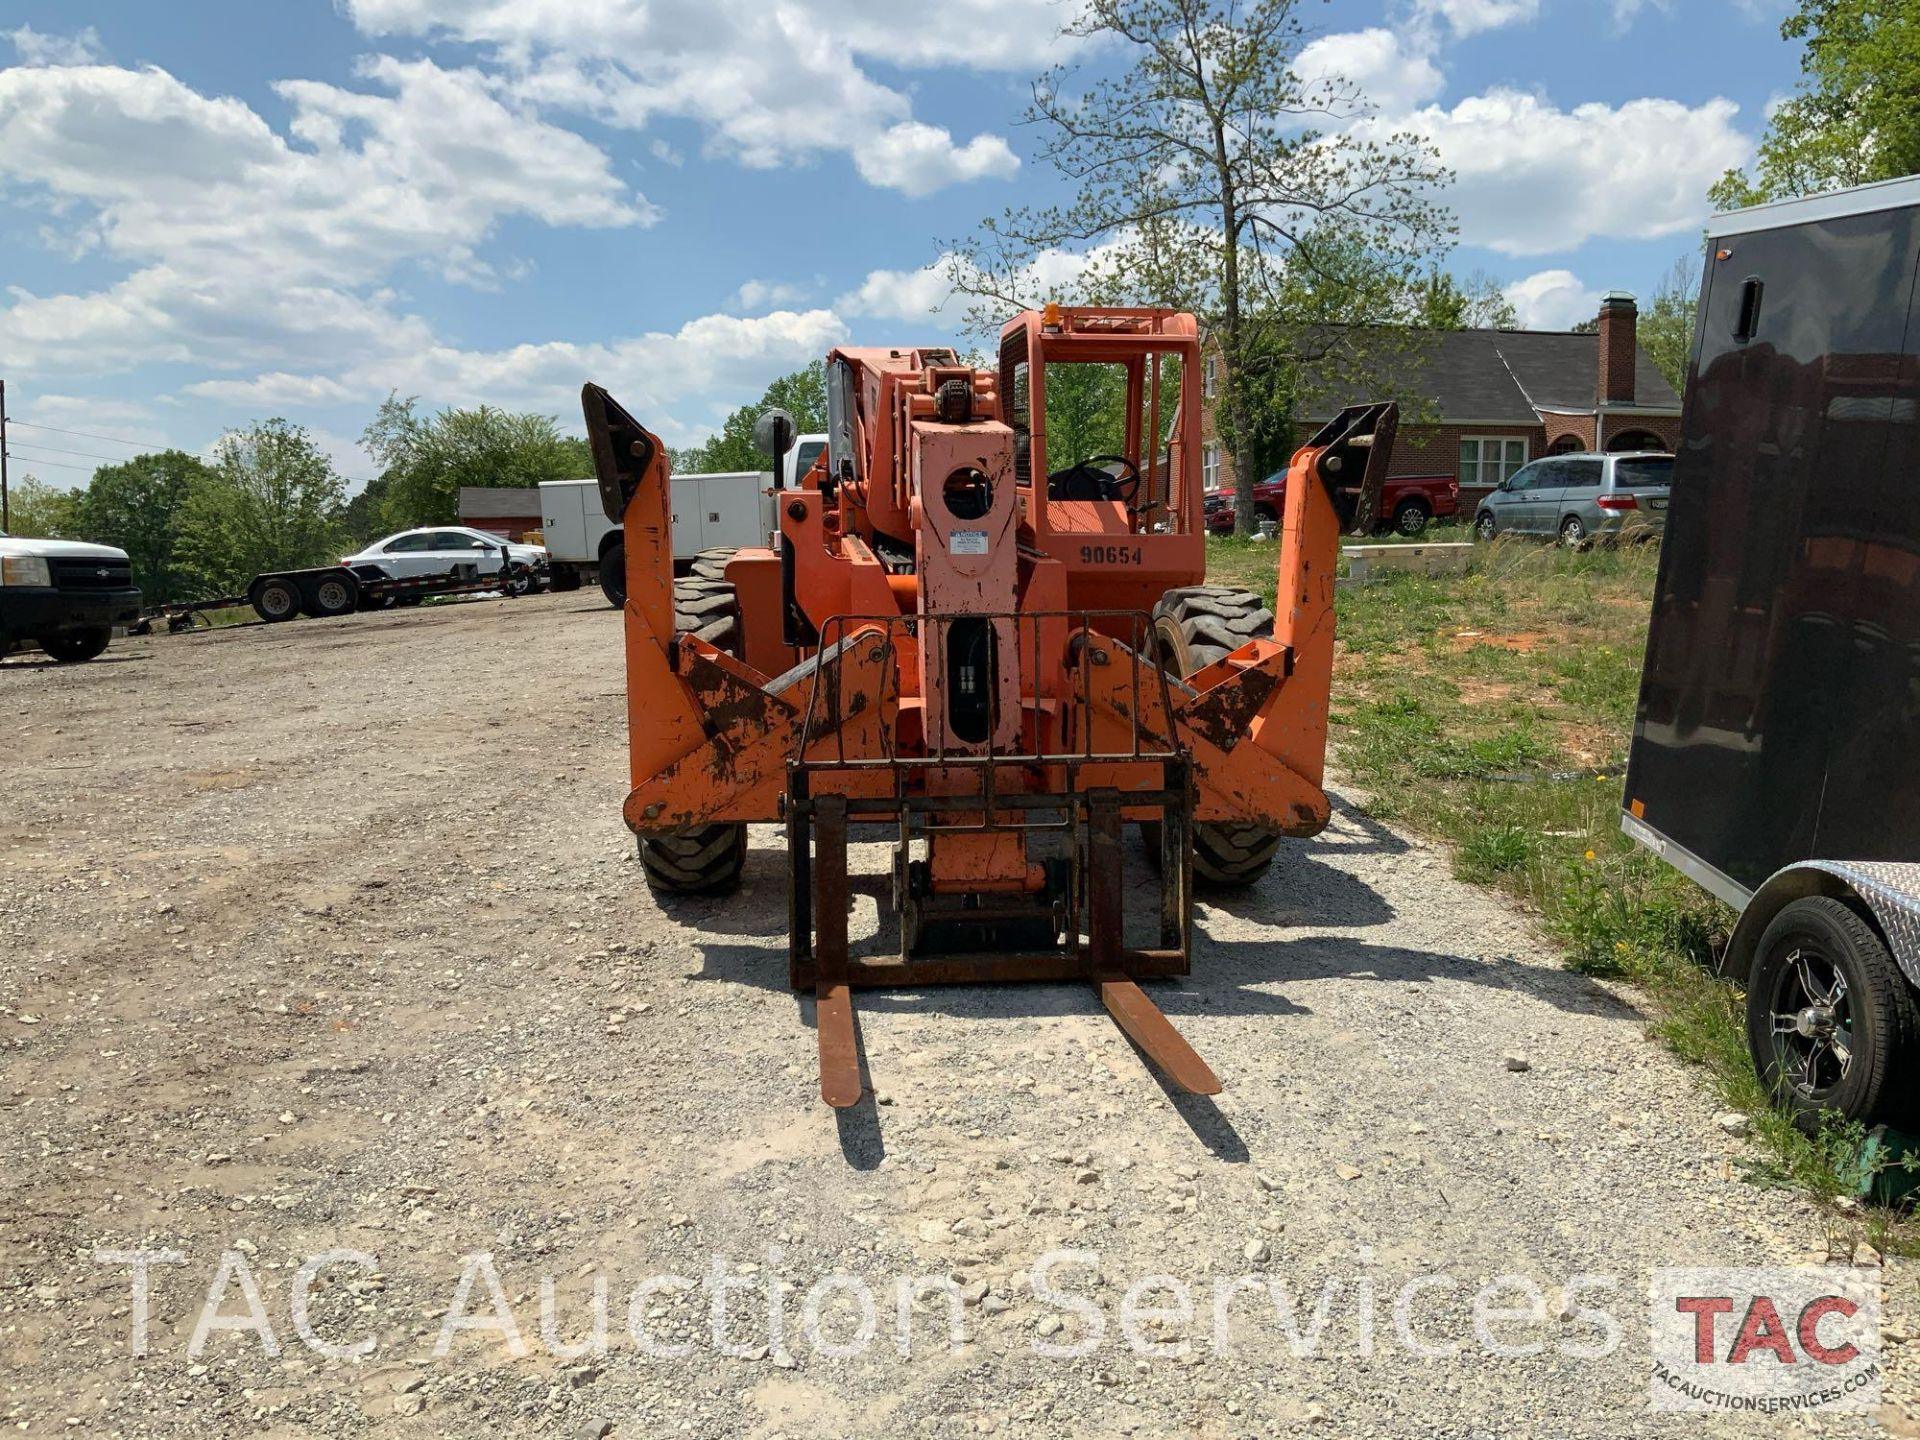 2007 JLG LULL Telehander Forklift - Image 2 of 25